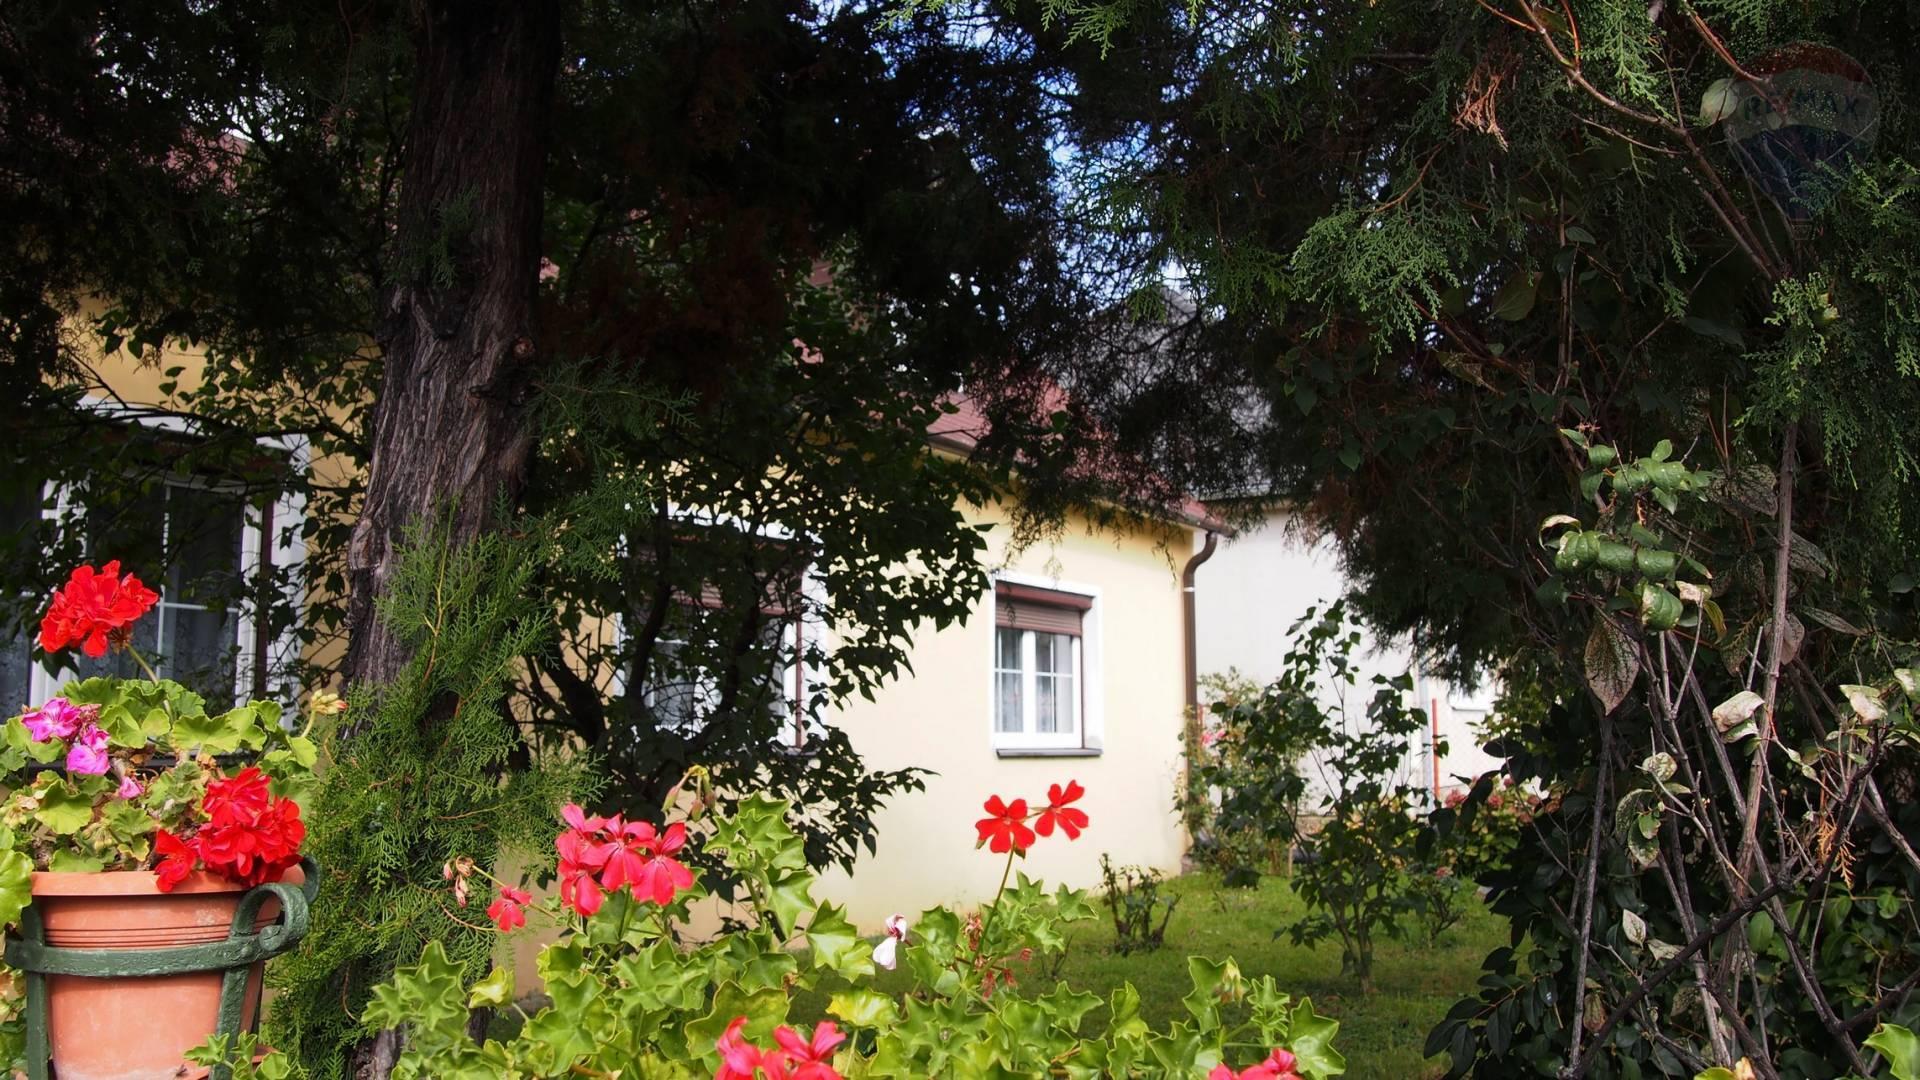 PREDAJ: Rodinný dom s 947 m2 pozemkom, vhodný aj na podnikanie, ulica Hradská, Bratislava - Vrakuňa